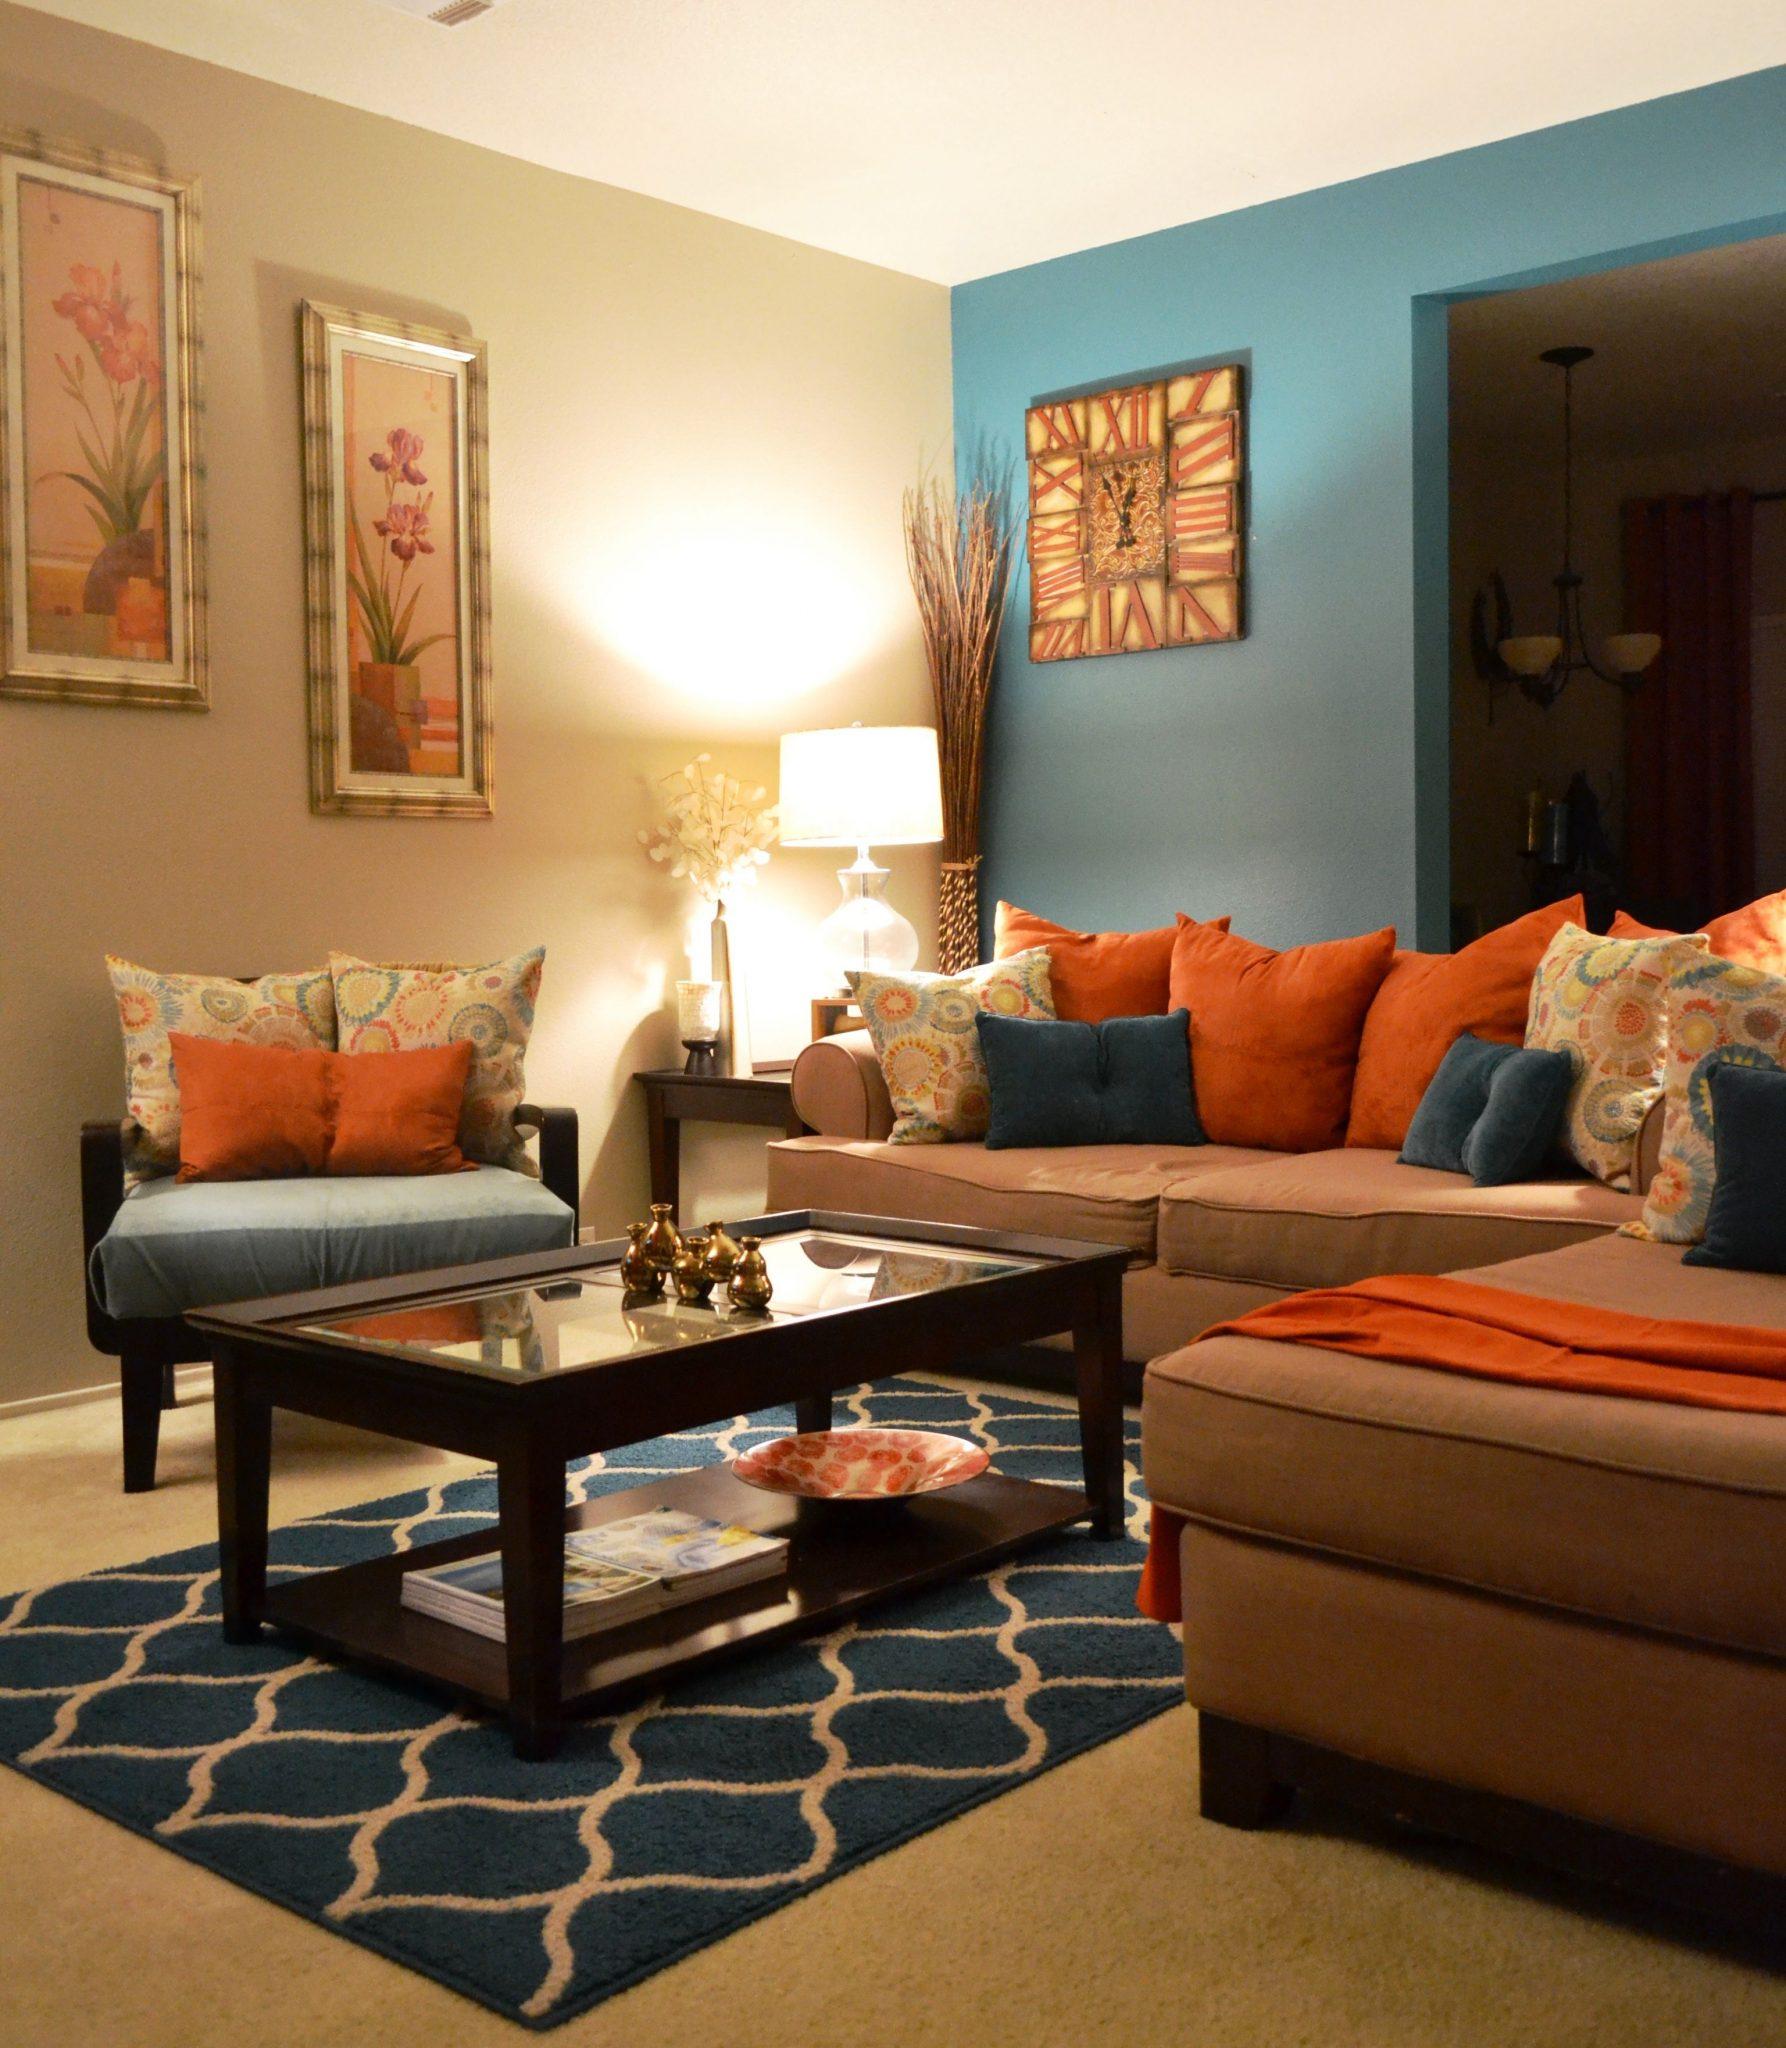 Levande blågrönt och brunt vardagsrum